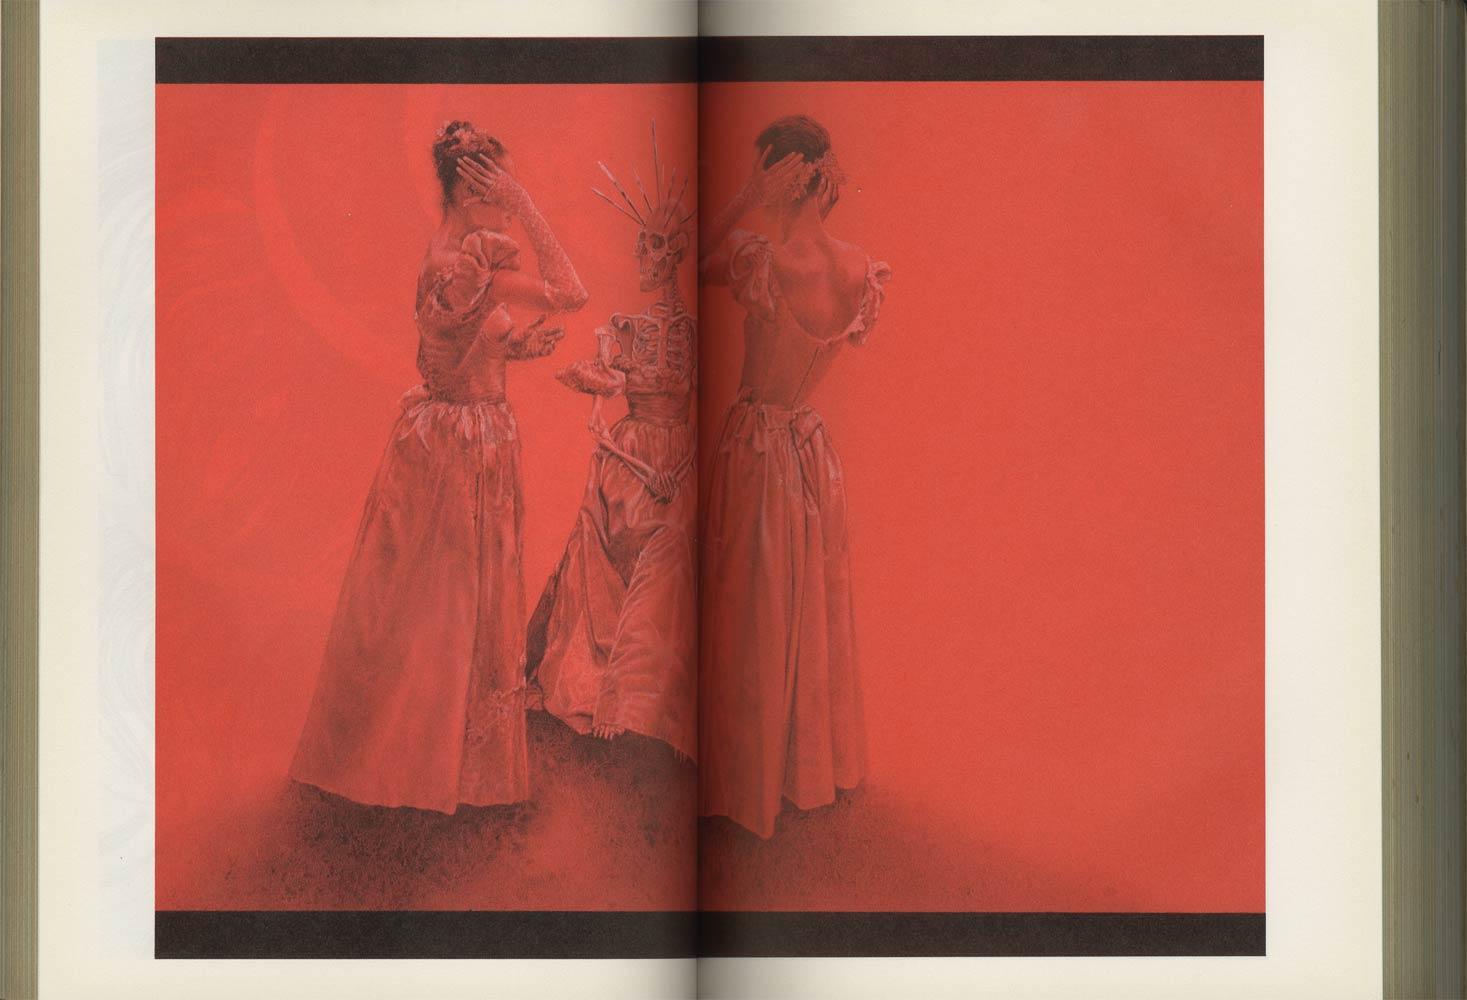 季刊GS la gaya scieza たのしい知識 / Vol.2 Nov 1984[image5]